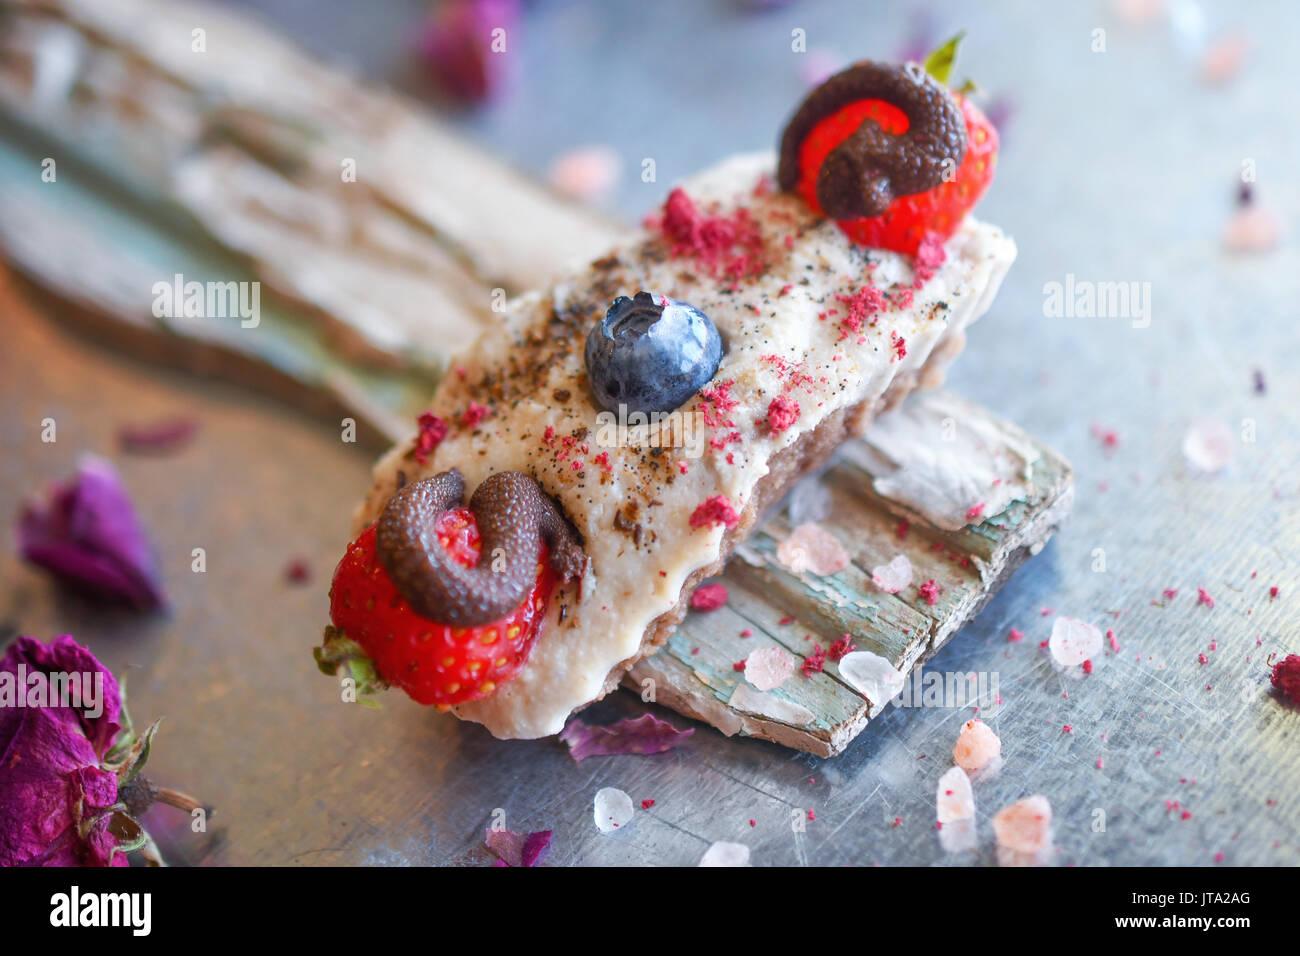 Veganer Käsekuchen Bissen mit Cashew Creme, mit Schokolade überzogene Erdbeeren und Heidelbeeren, Finger sortierte Snack. Stockbild